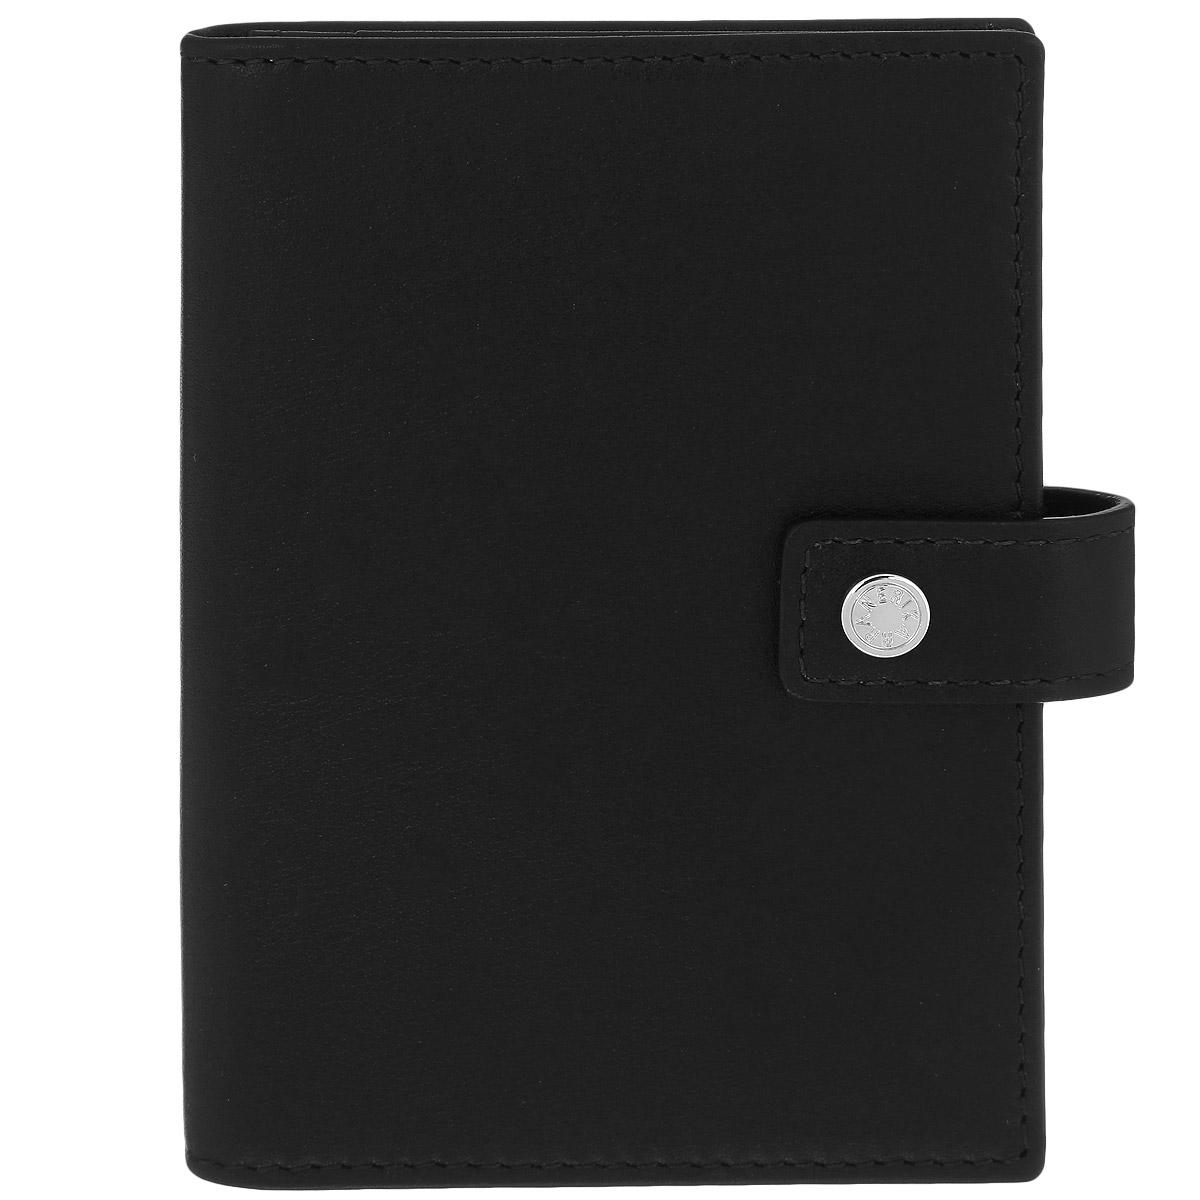 Обложка для паспорта и автодокументов Neri Karra, цвет: черный. 0031 01.01N neri karra 0118s 05 01